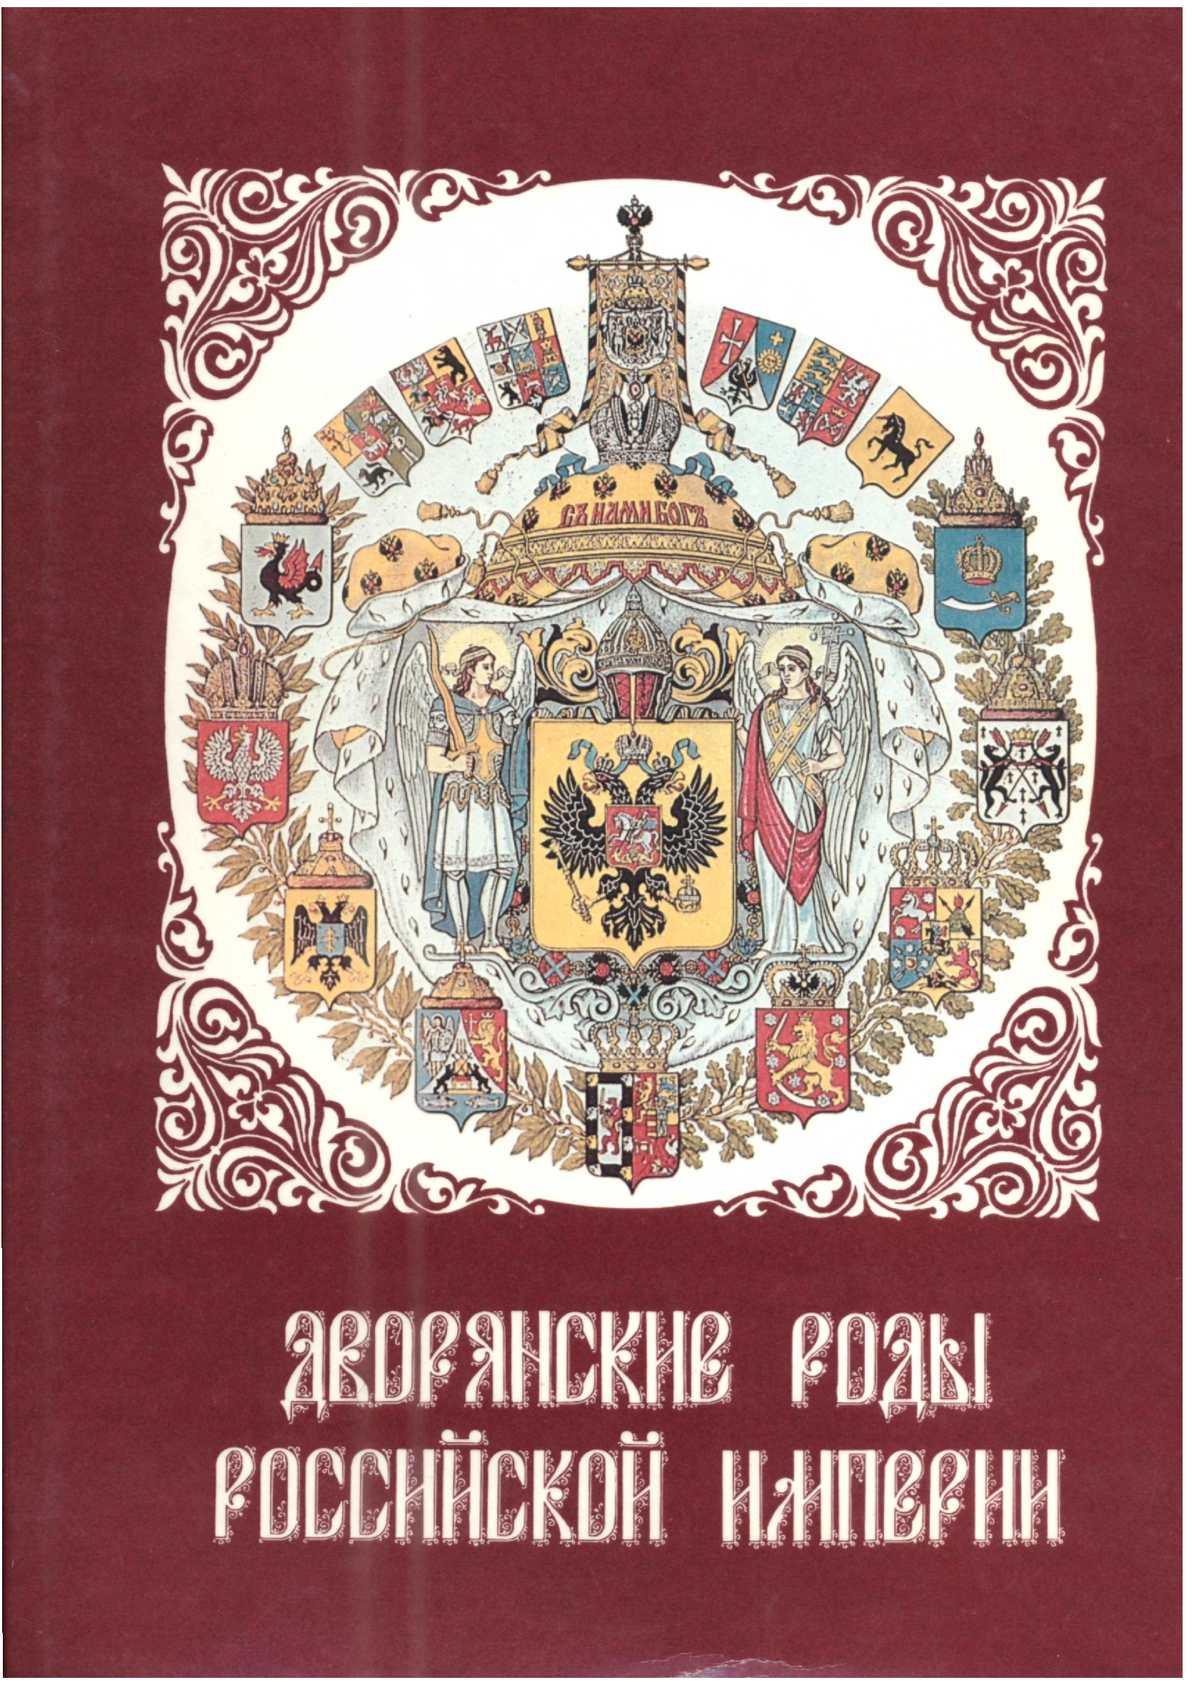 Самые богатые роды российской империи